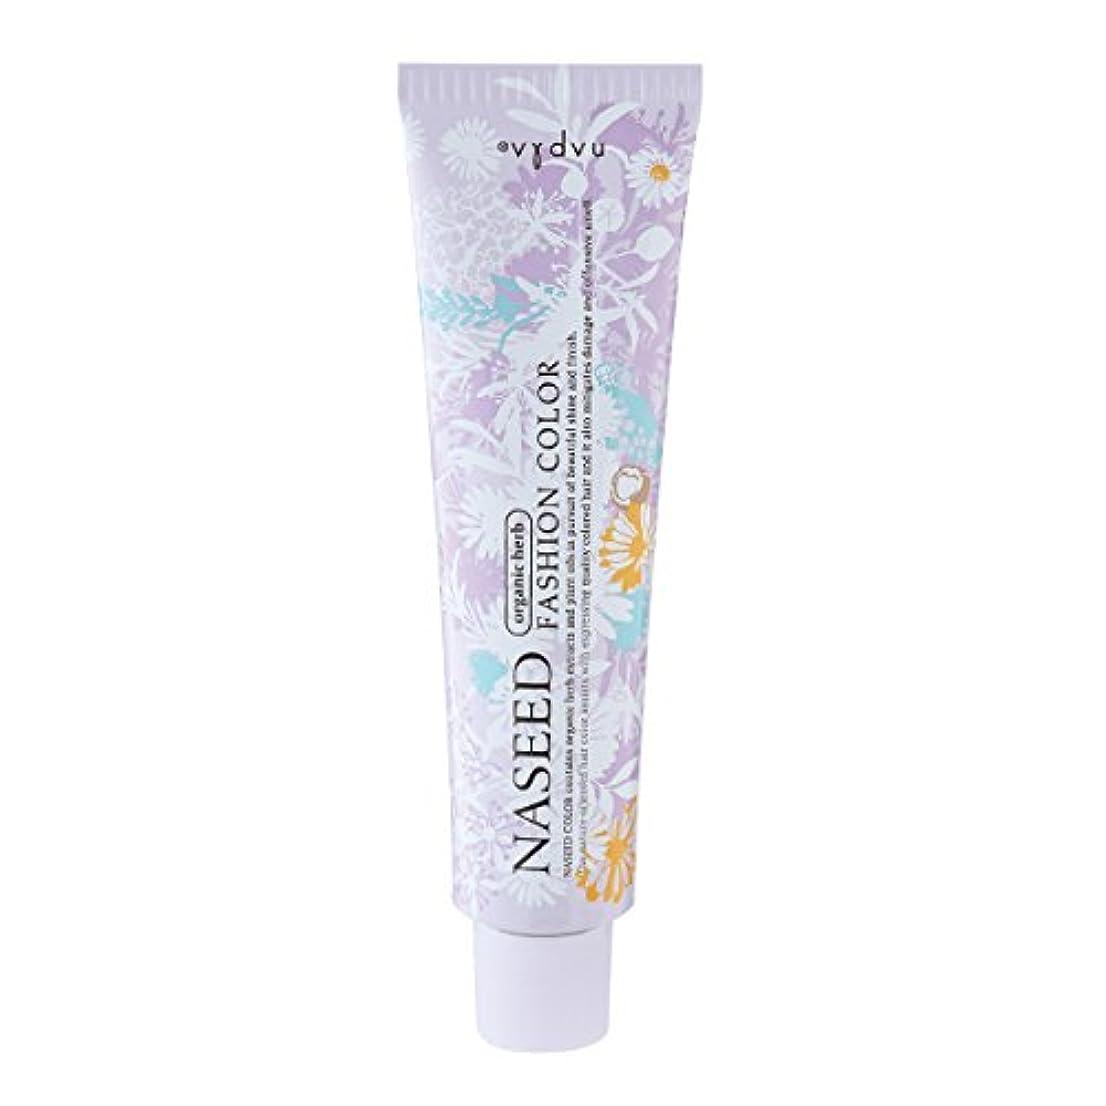 ナプラ ナシードカラー バイオレット N-Vi10 80g  (ファッションカラー)【業務用】 【ヘアカラー1剤】